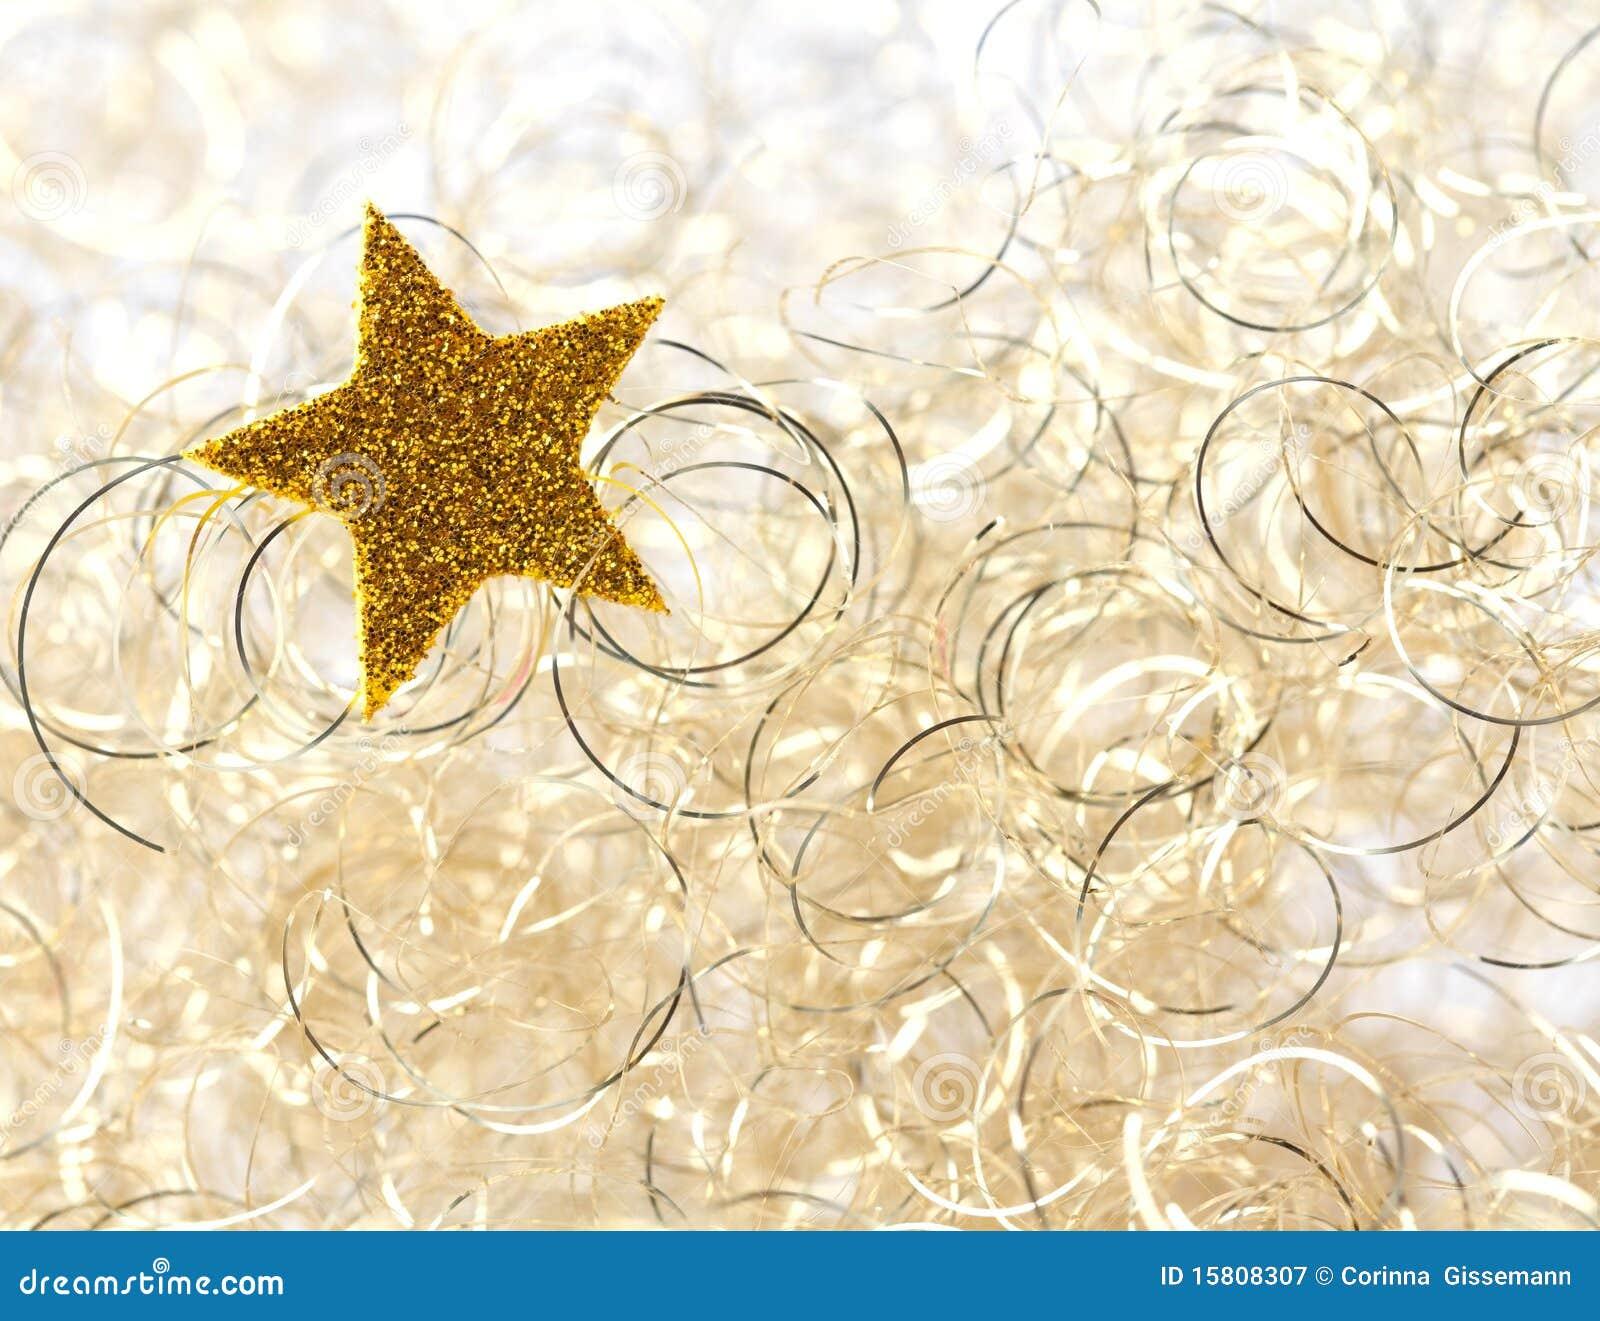 goldener stern auf weihnachten lizenzfreie stockfotografie bild 15808307. Black Bedroom Furniture Sets. Home Design Ideas